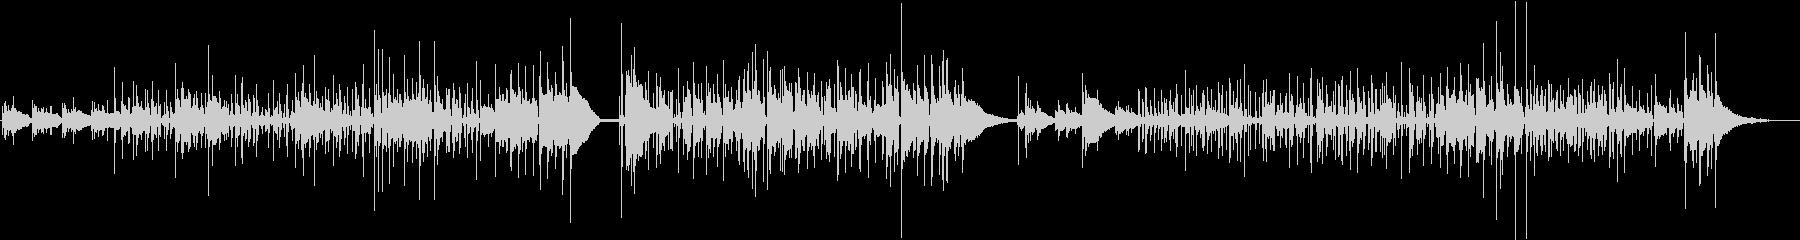 <生演奏>レトロなアコギジャズ風の曲の未再生の波形